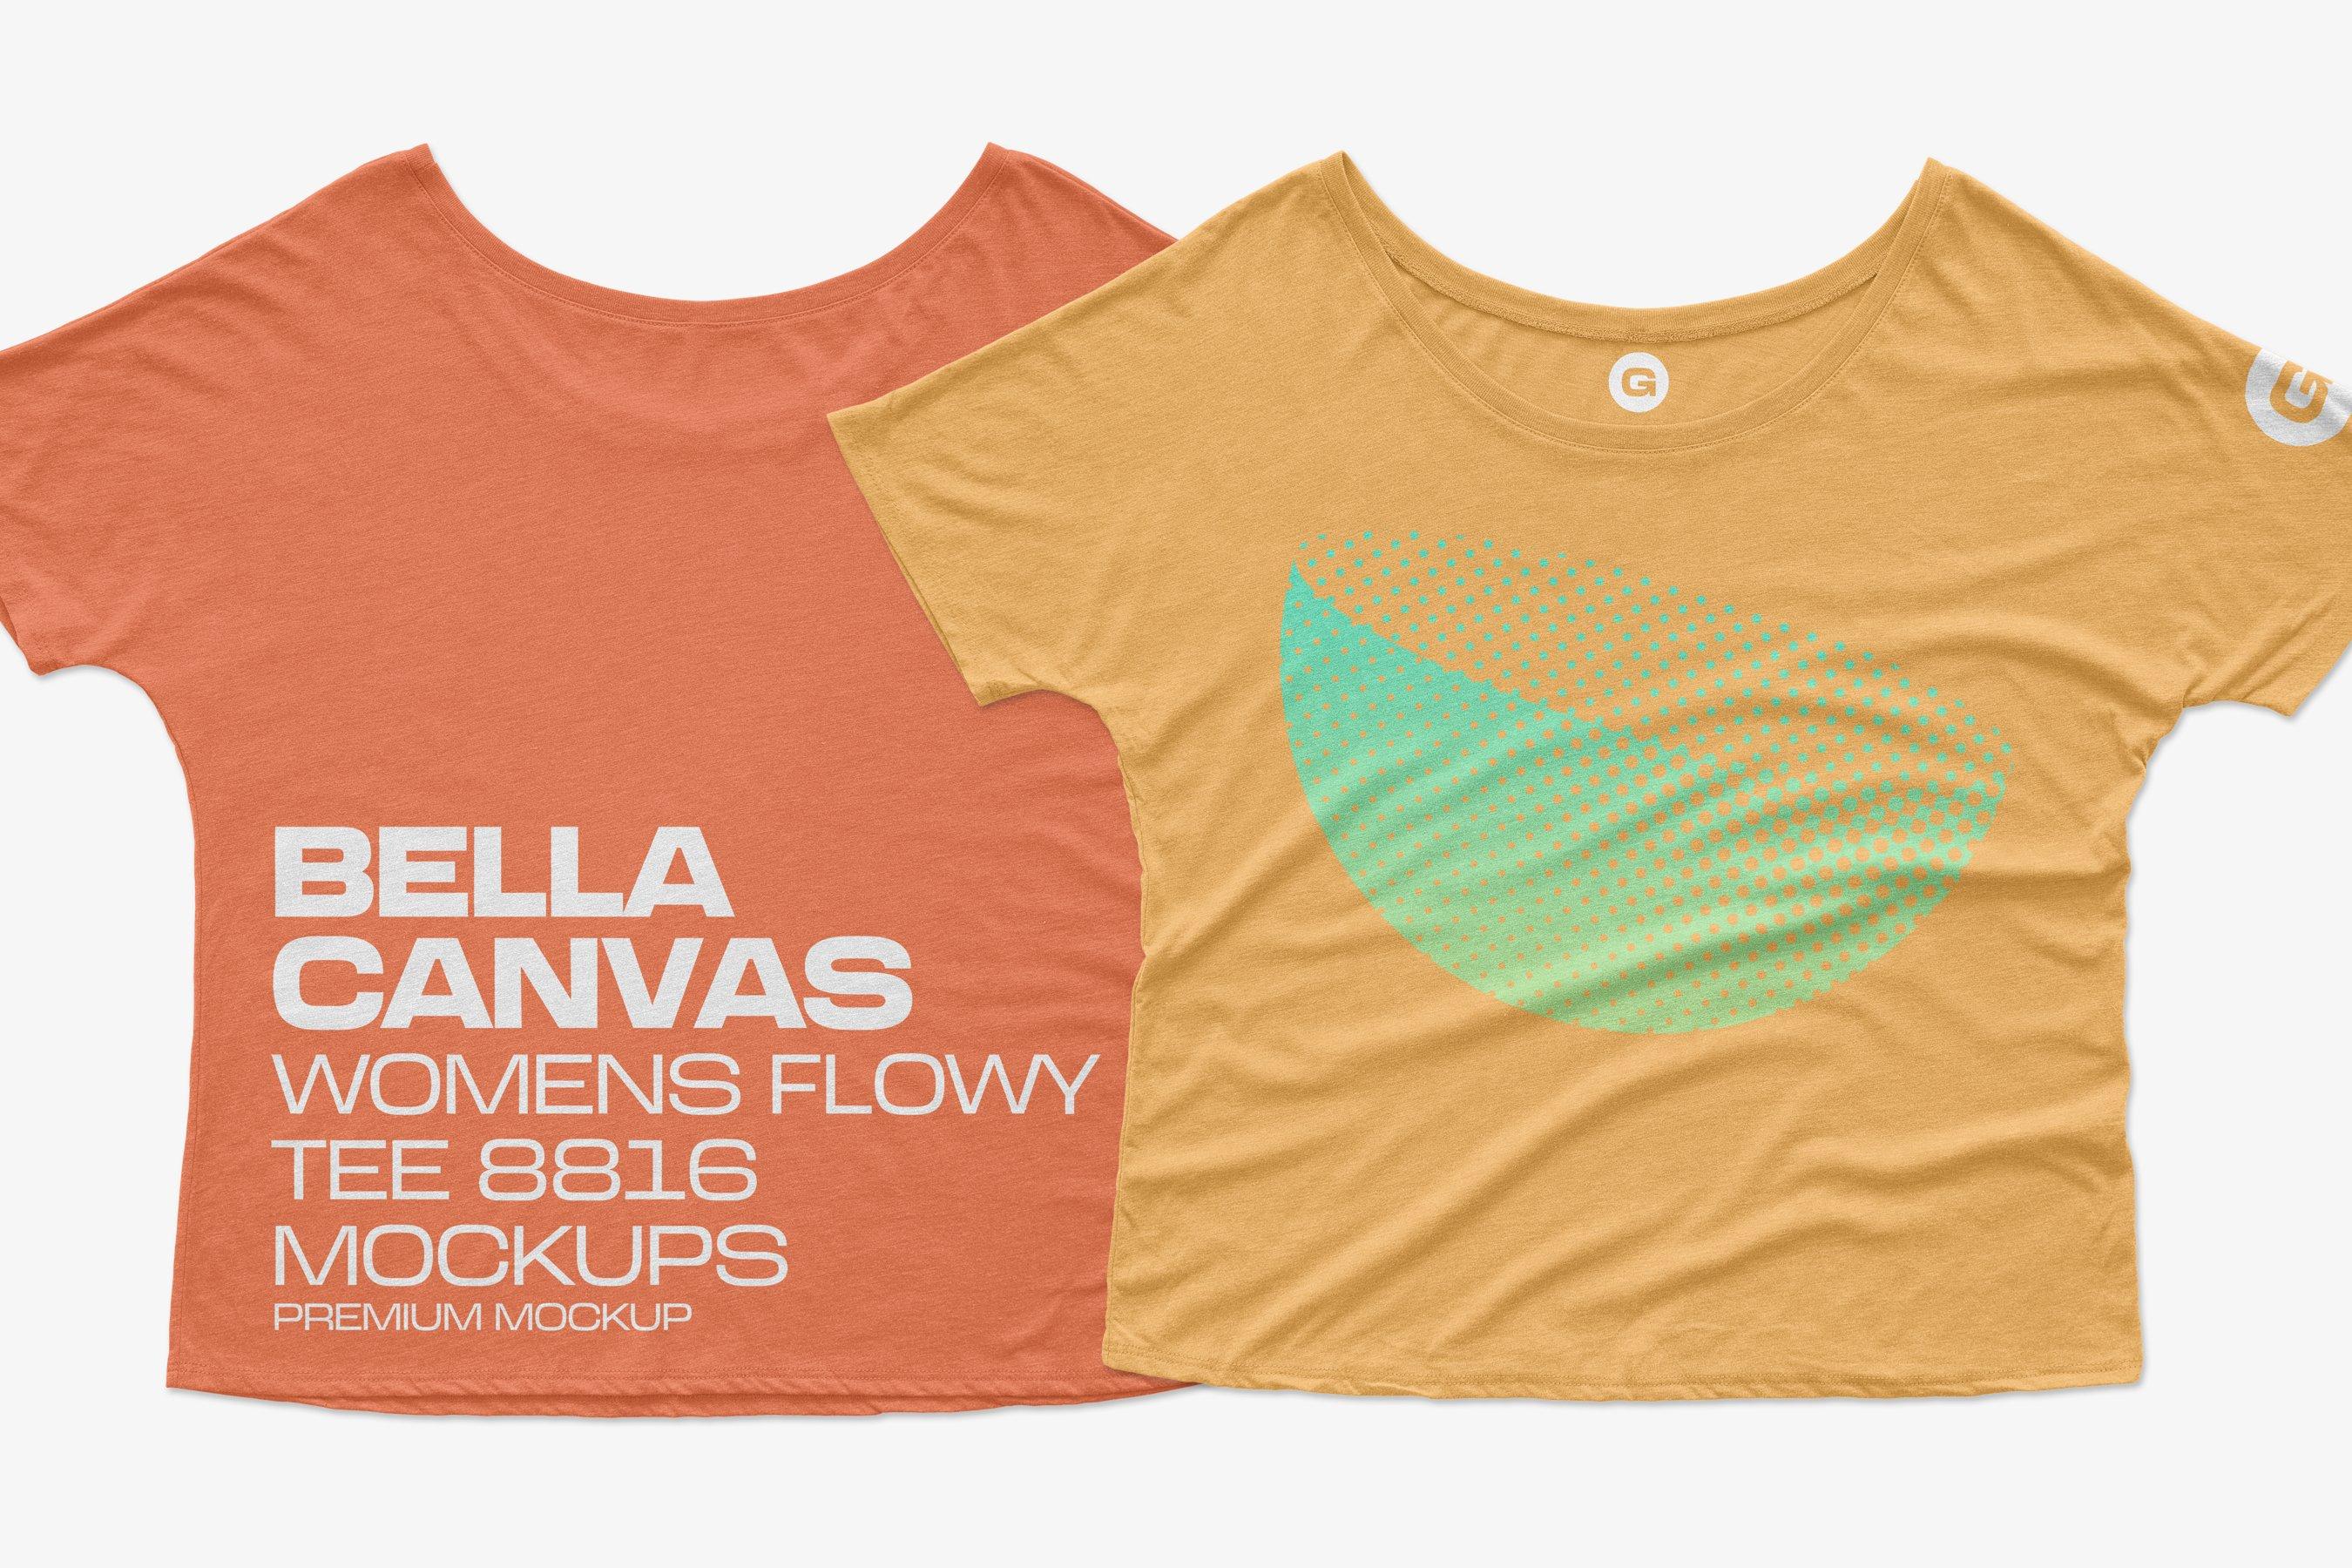 11个简约女士半袖T恤印花设计PS样机模板 Bella Canvas Flowy Tee 8816 Mockups插图2